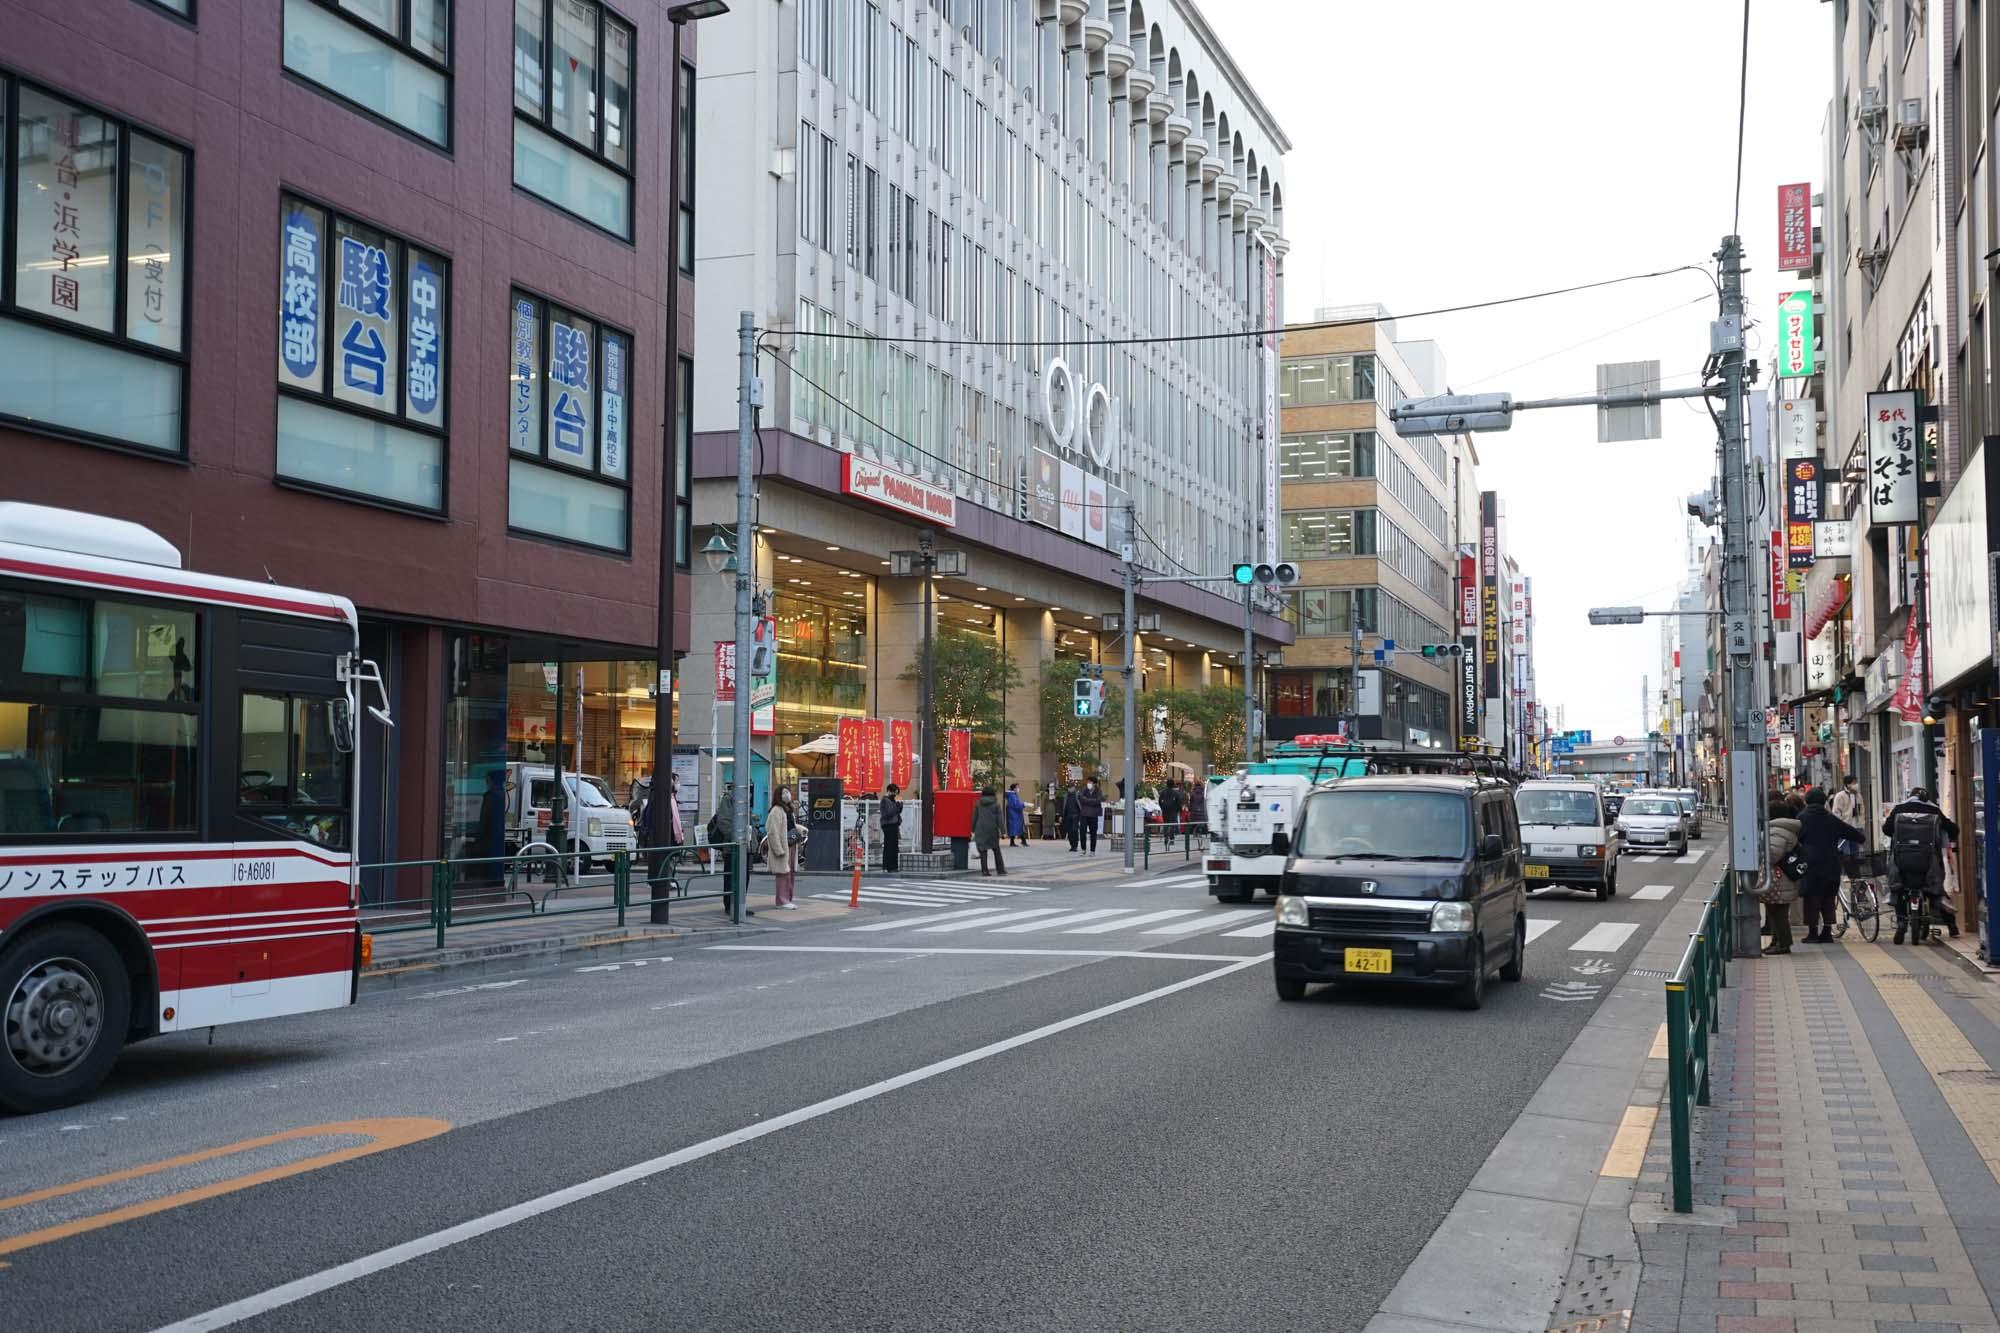 渋谷から武蔵野市までをつなぐ「井の頭通り」が走る「丸井吉祥寺店」前。ホテルはこのすぐお隣に。ここからバスで各住宅街を繋いでいるため、人通りもかなり多いです。